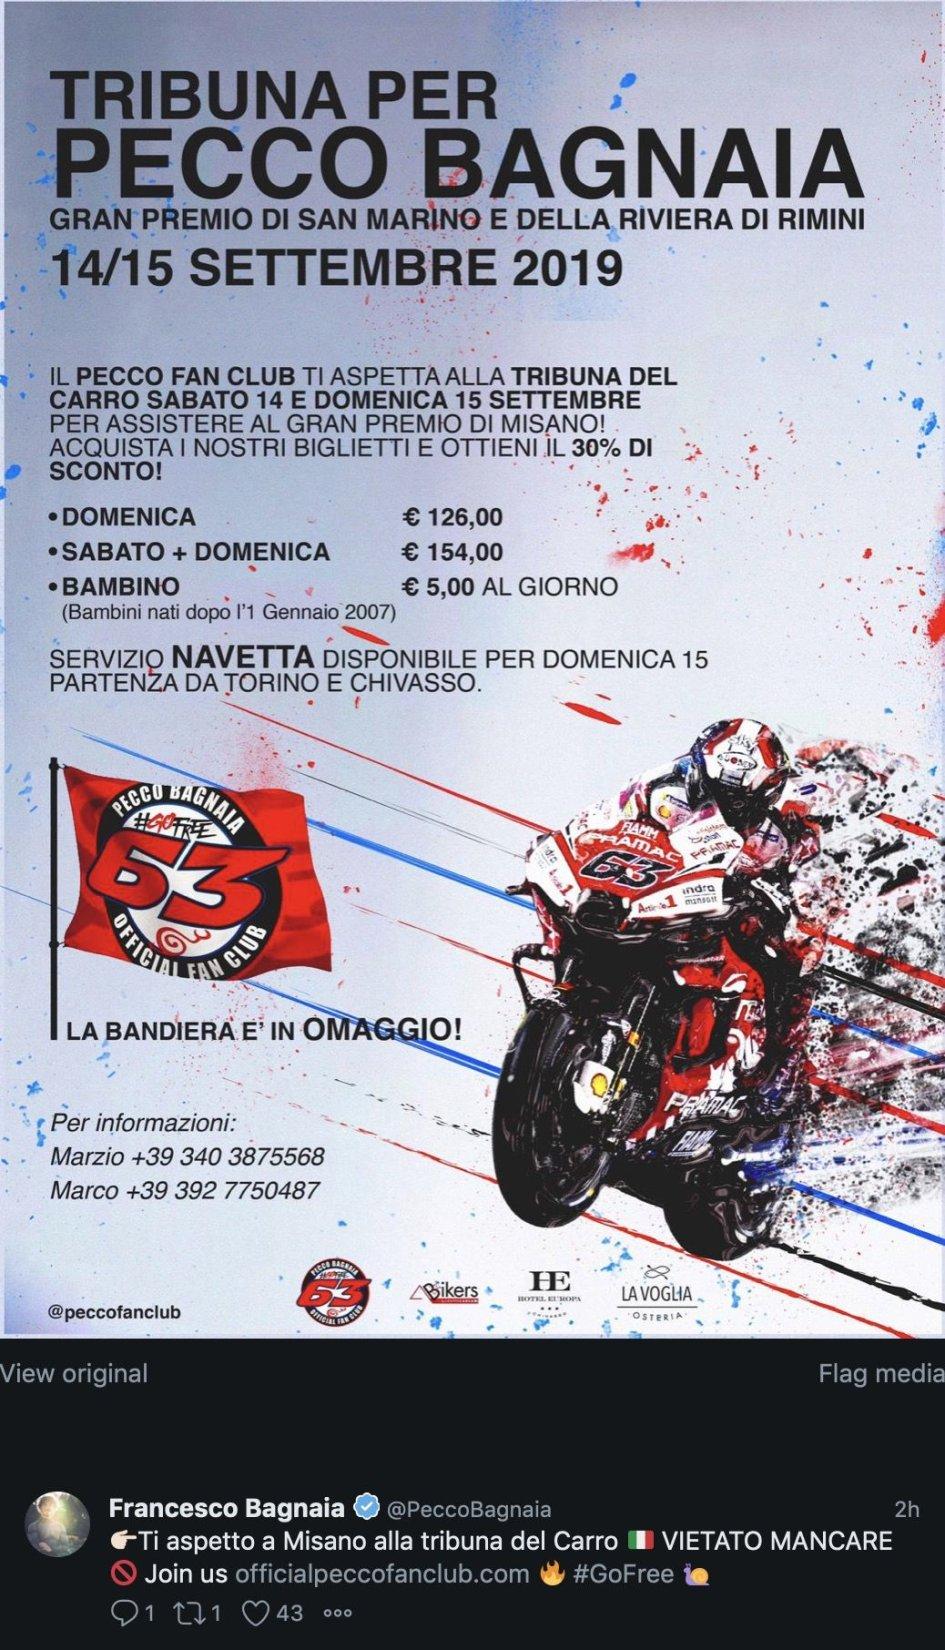 MotoGP: Una tribuna per Pecco Bagnaia per il GP di Misano